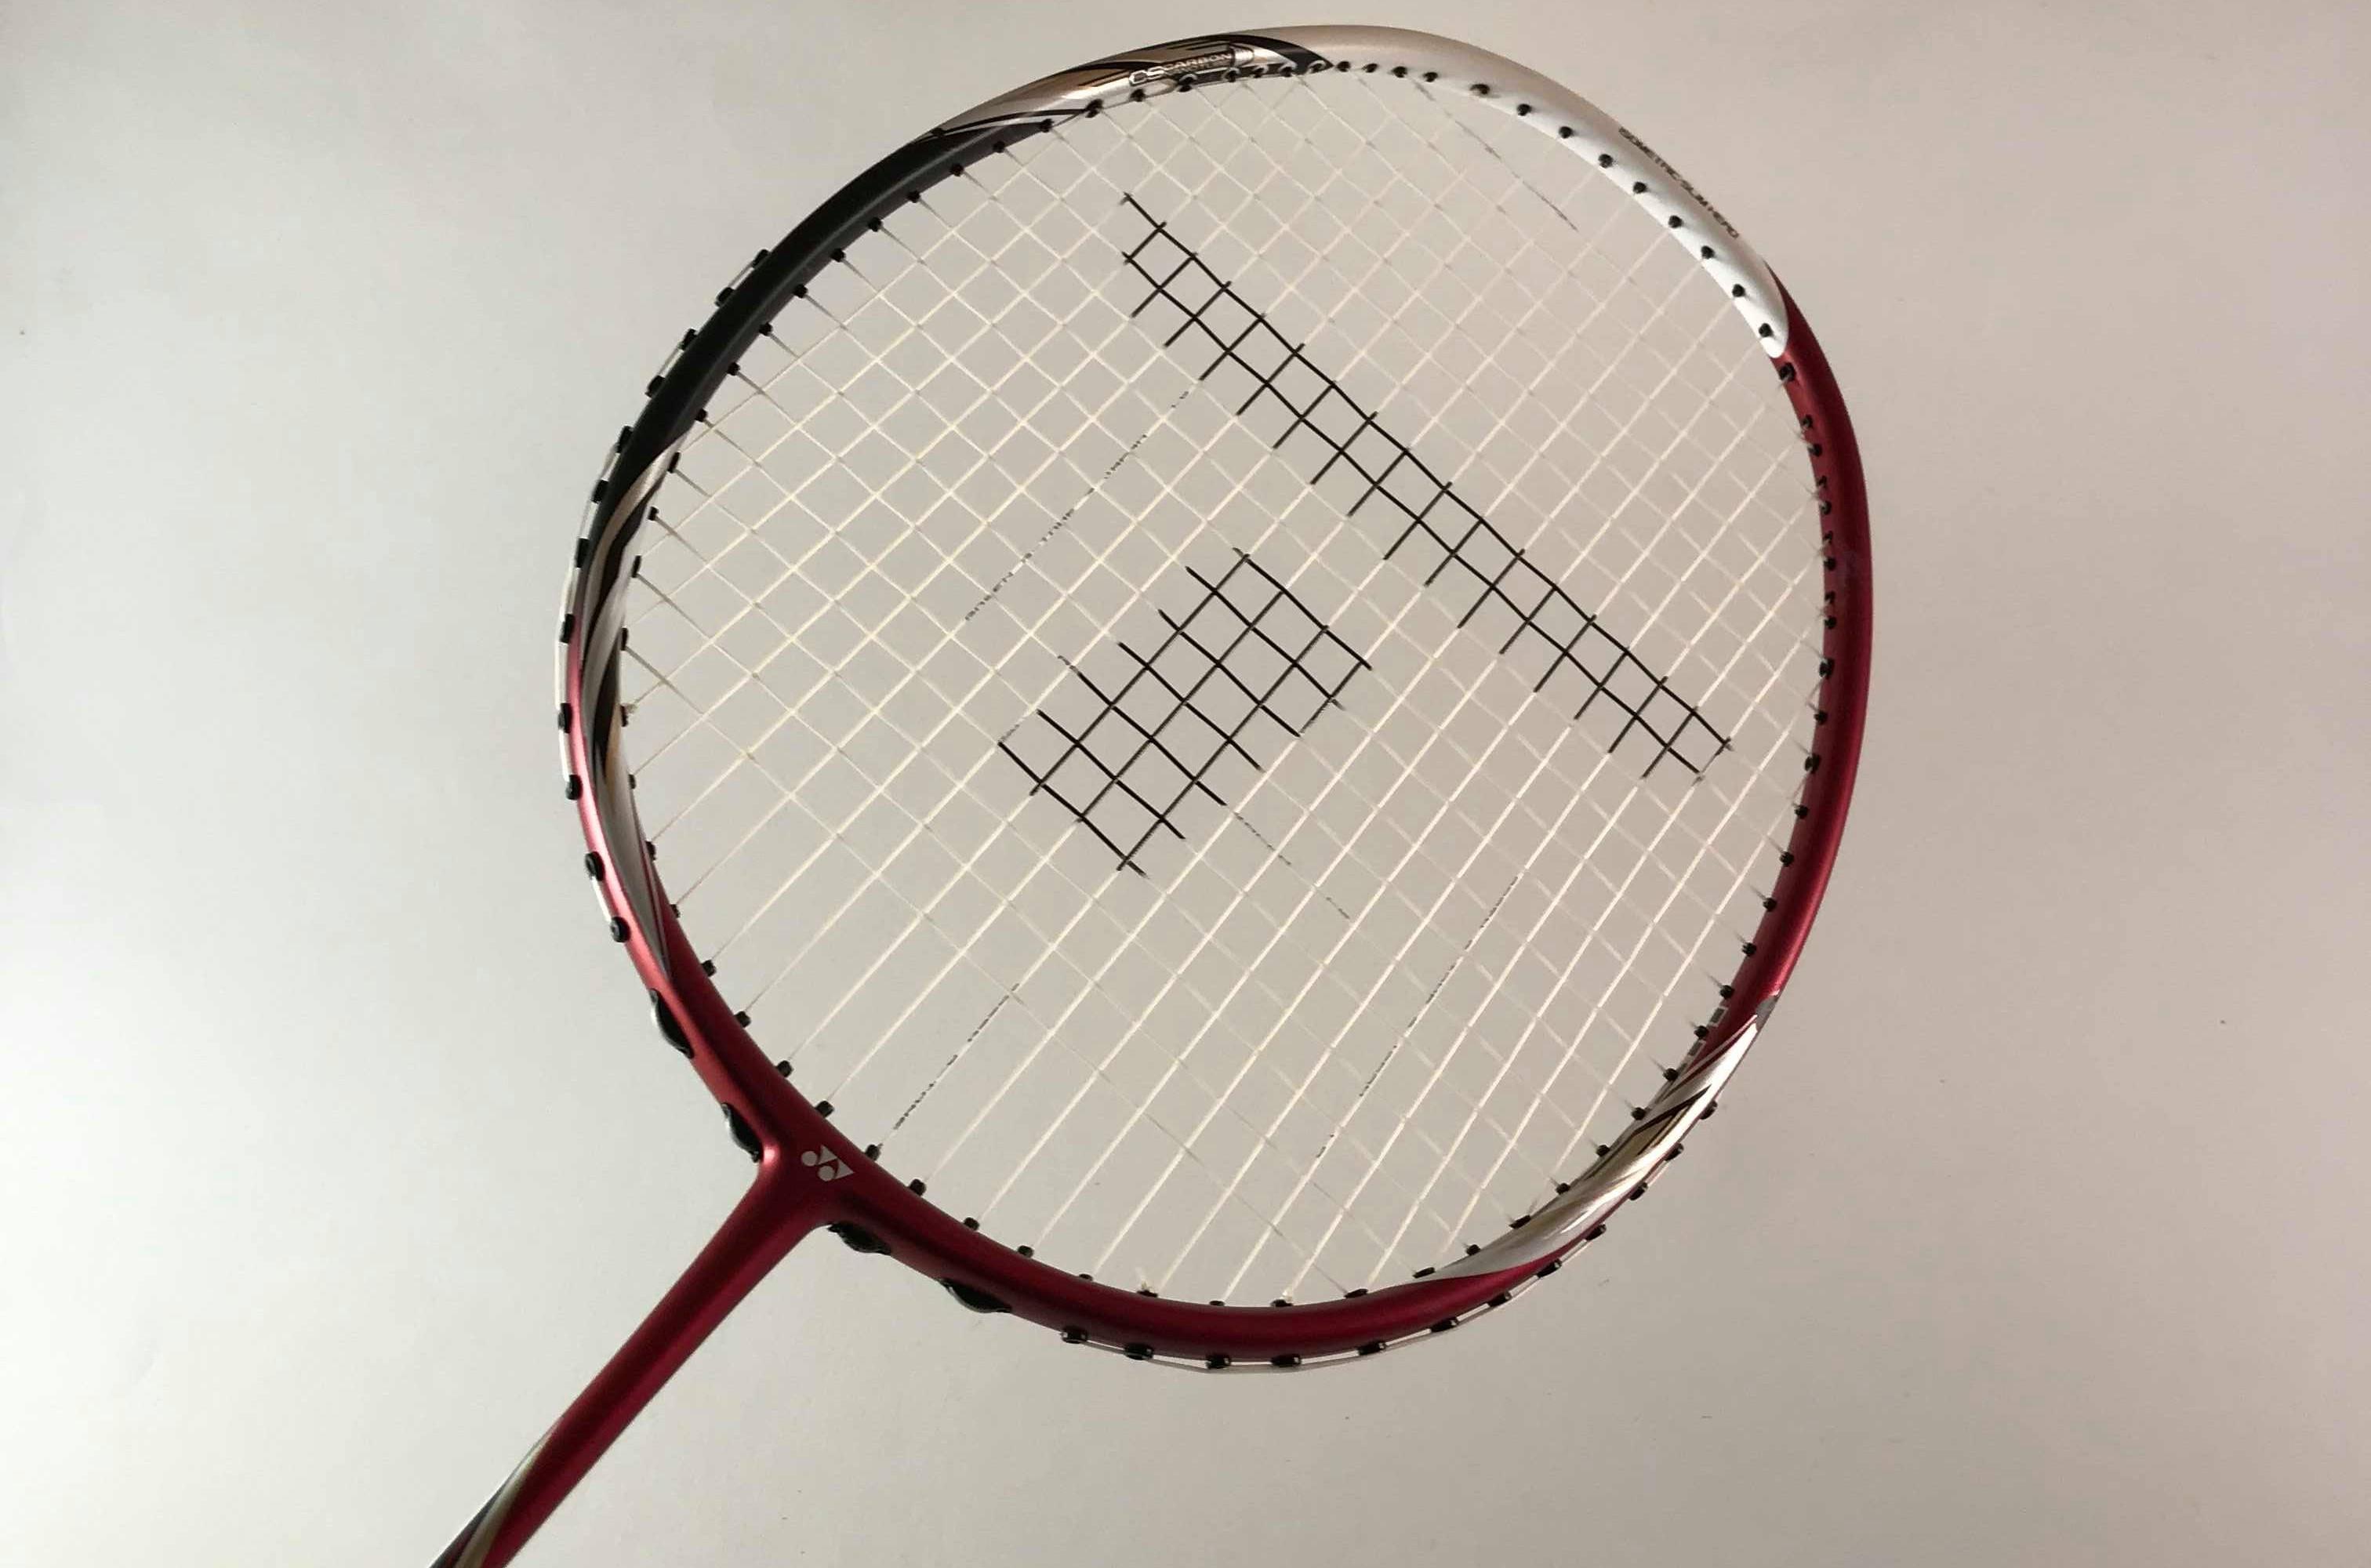 strängning av badmintonrack teq